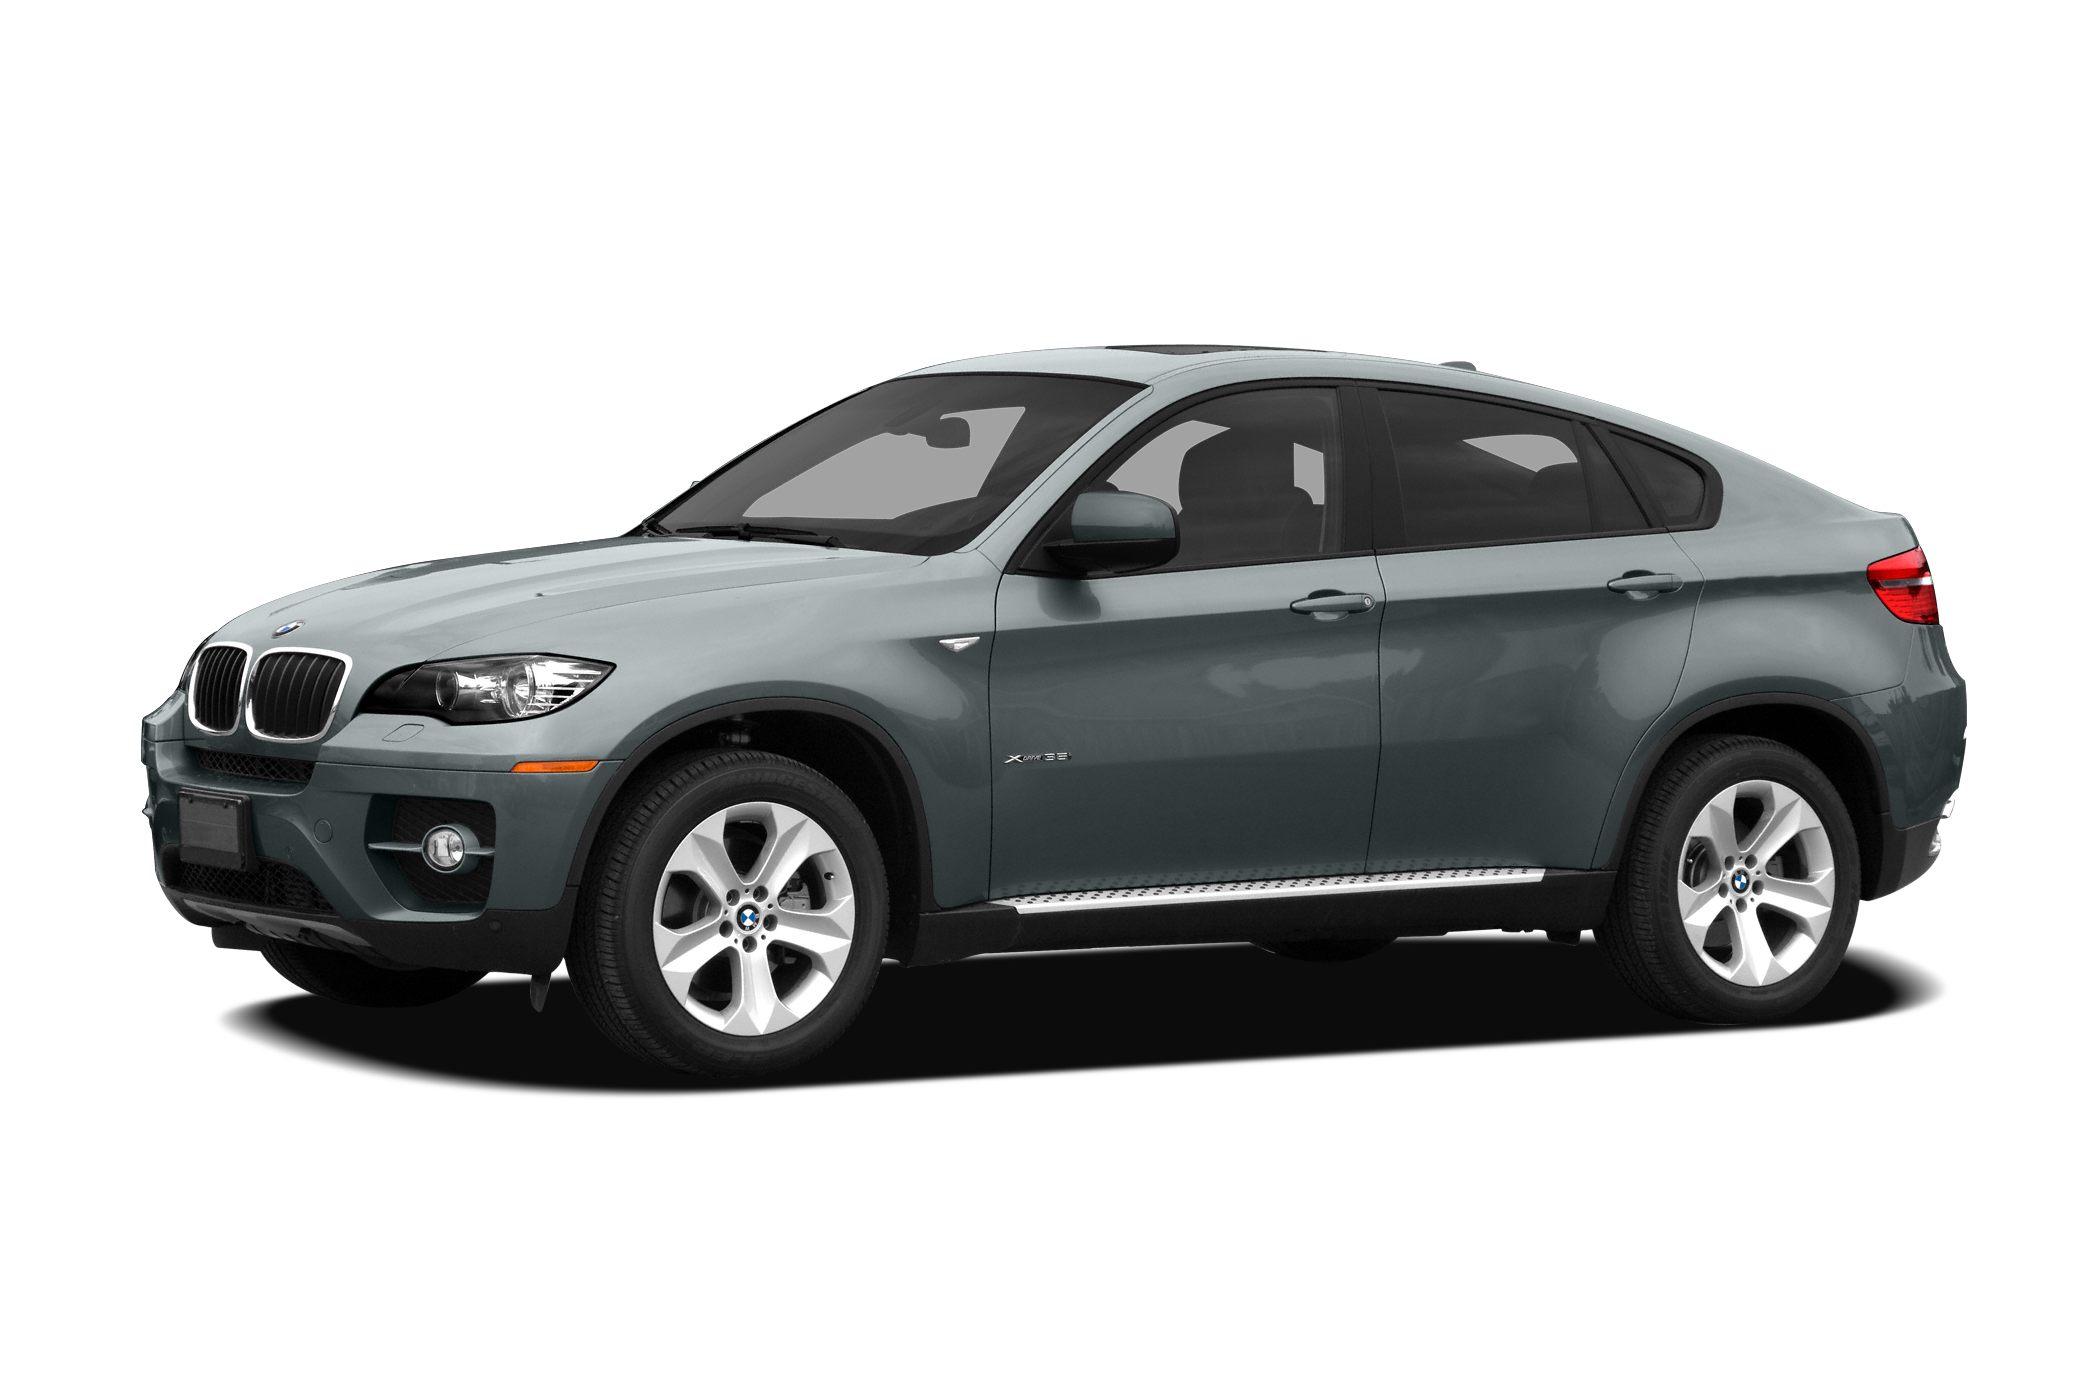 test bmw review and original driver reviews s photo m car